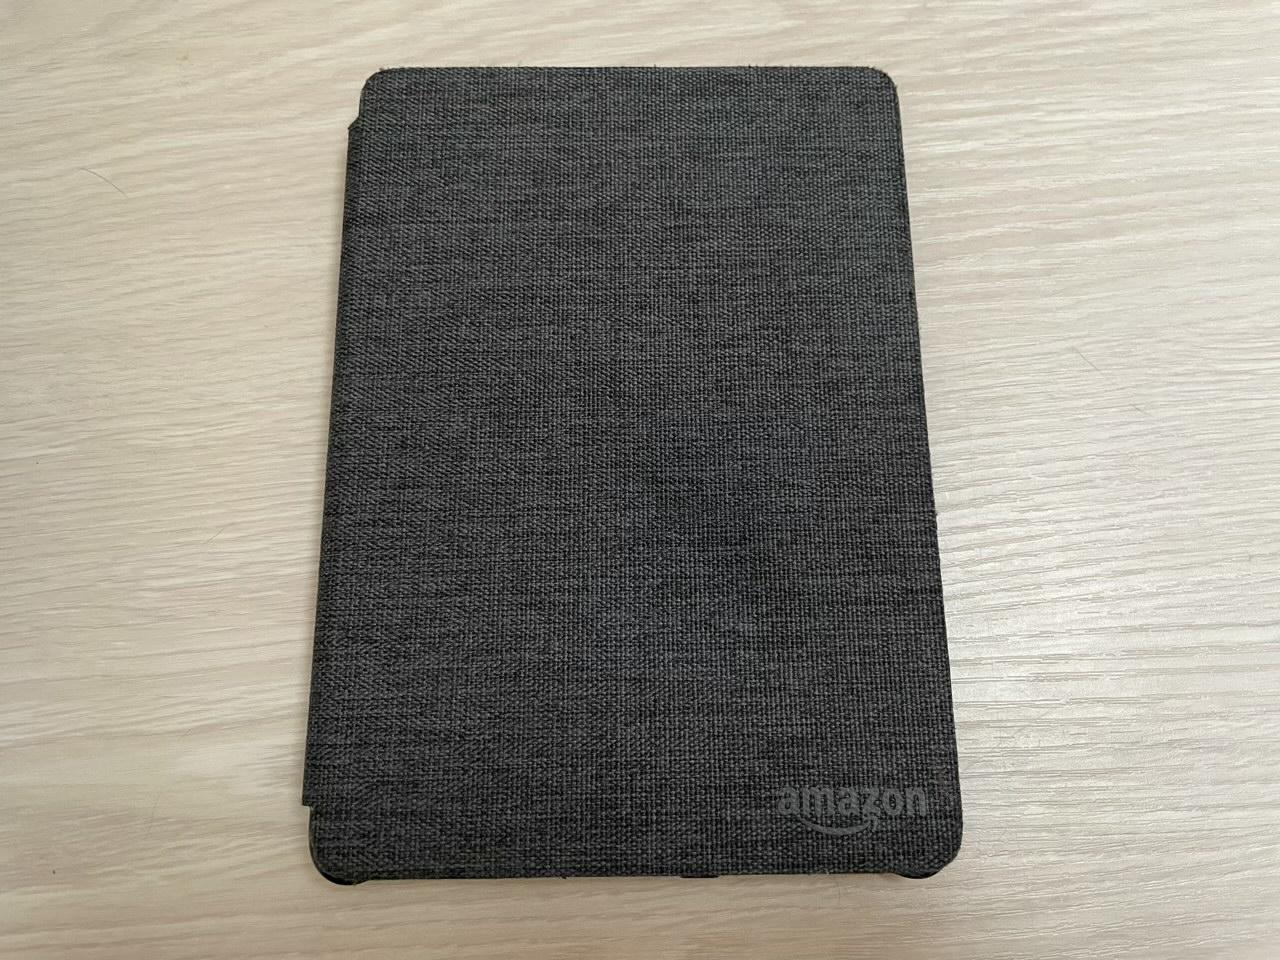 Amazon Kindle Paper white(第10世代)用 ファブリックカバー チャコールブラック